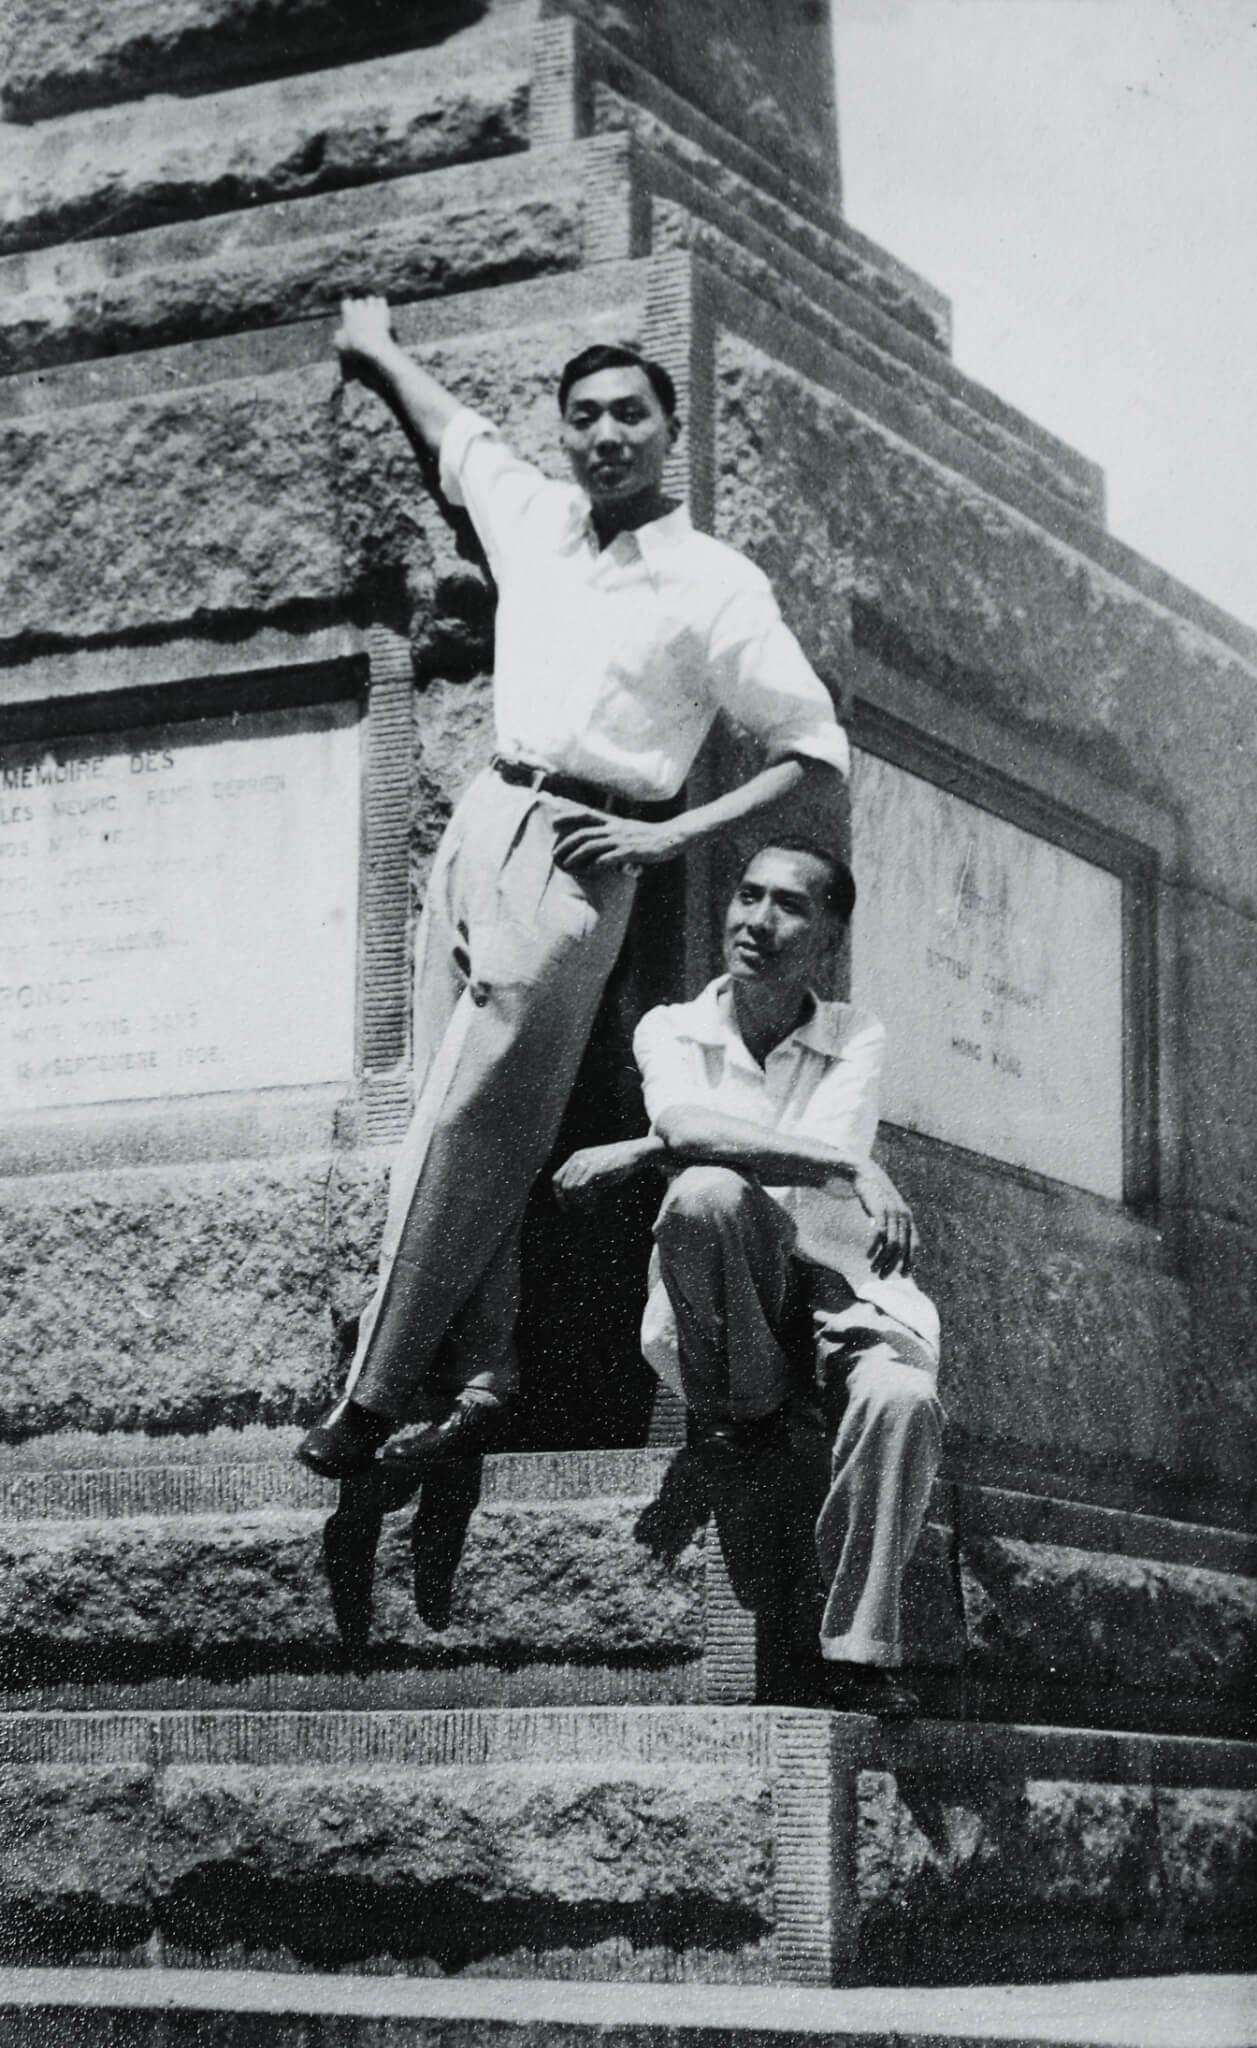 尤聲普父親尤驚鴻是第二花旦,普哥跟着他經常有機會在舞台上串演。